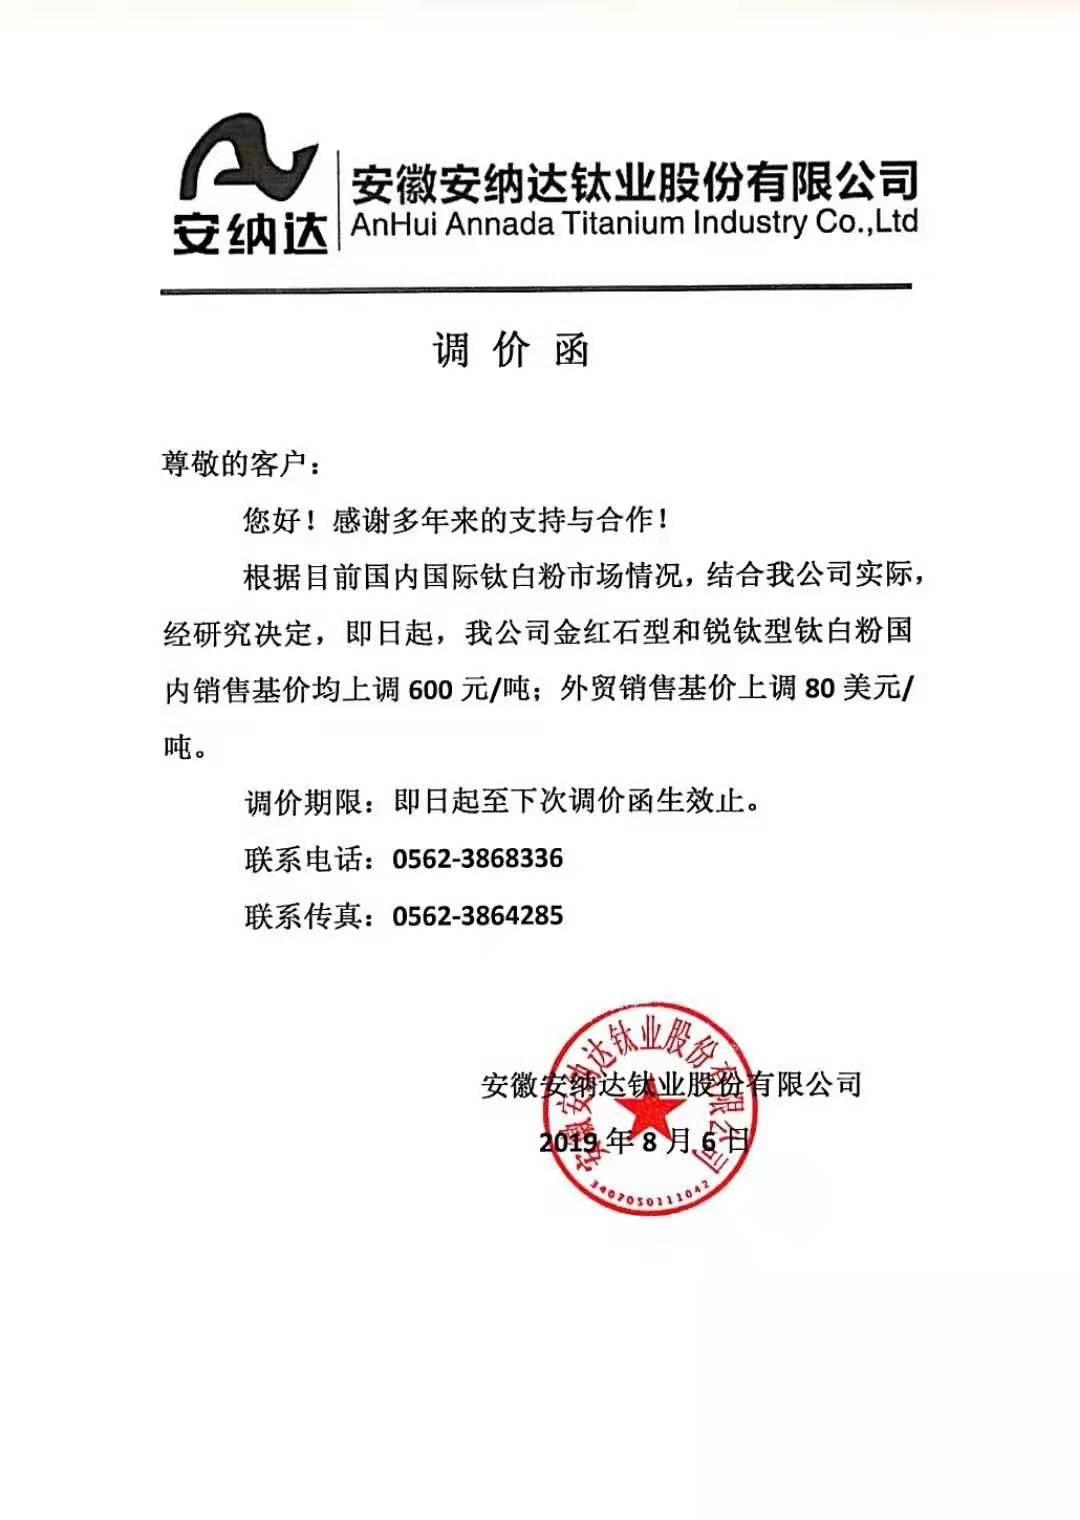 安徽安纳达钛业股份有限公司.jpg